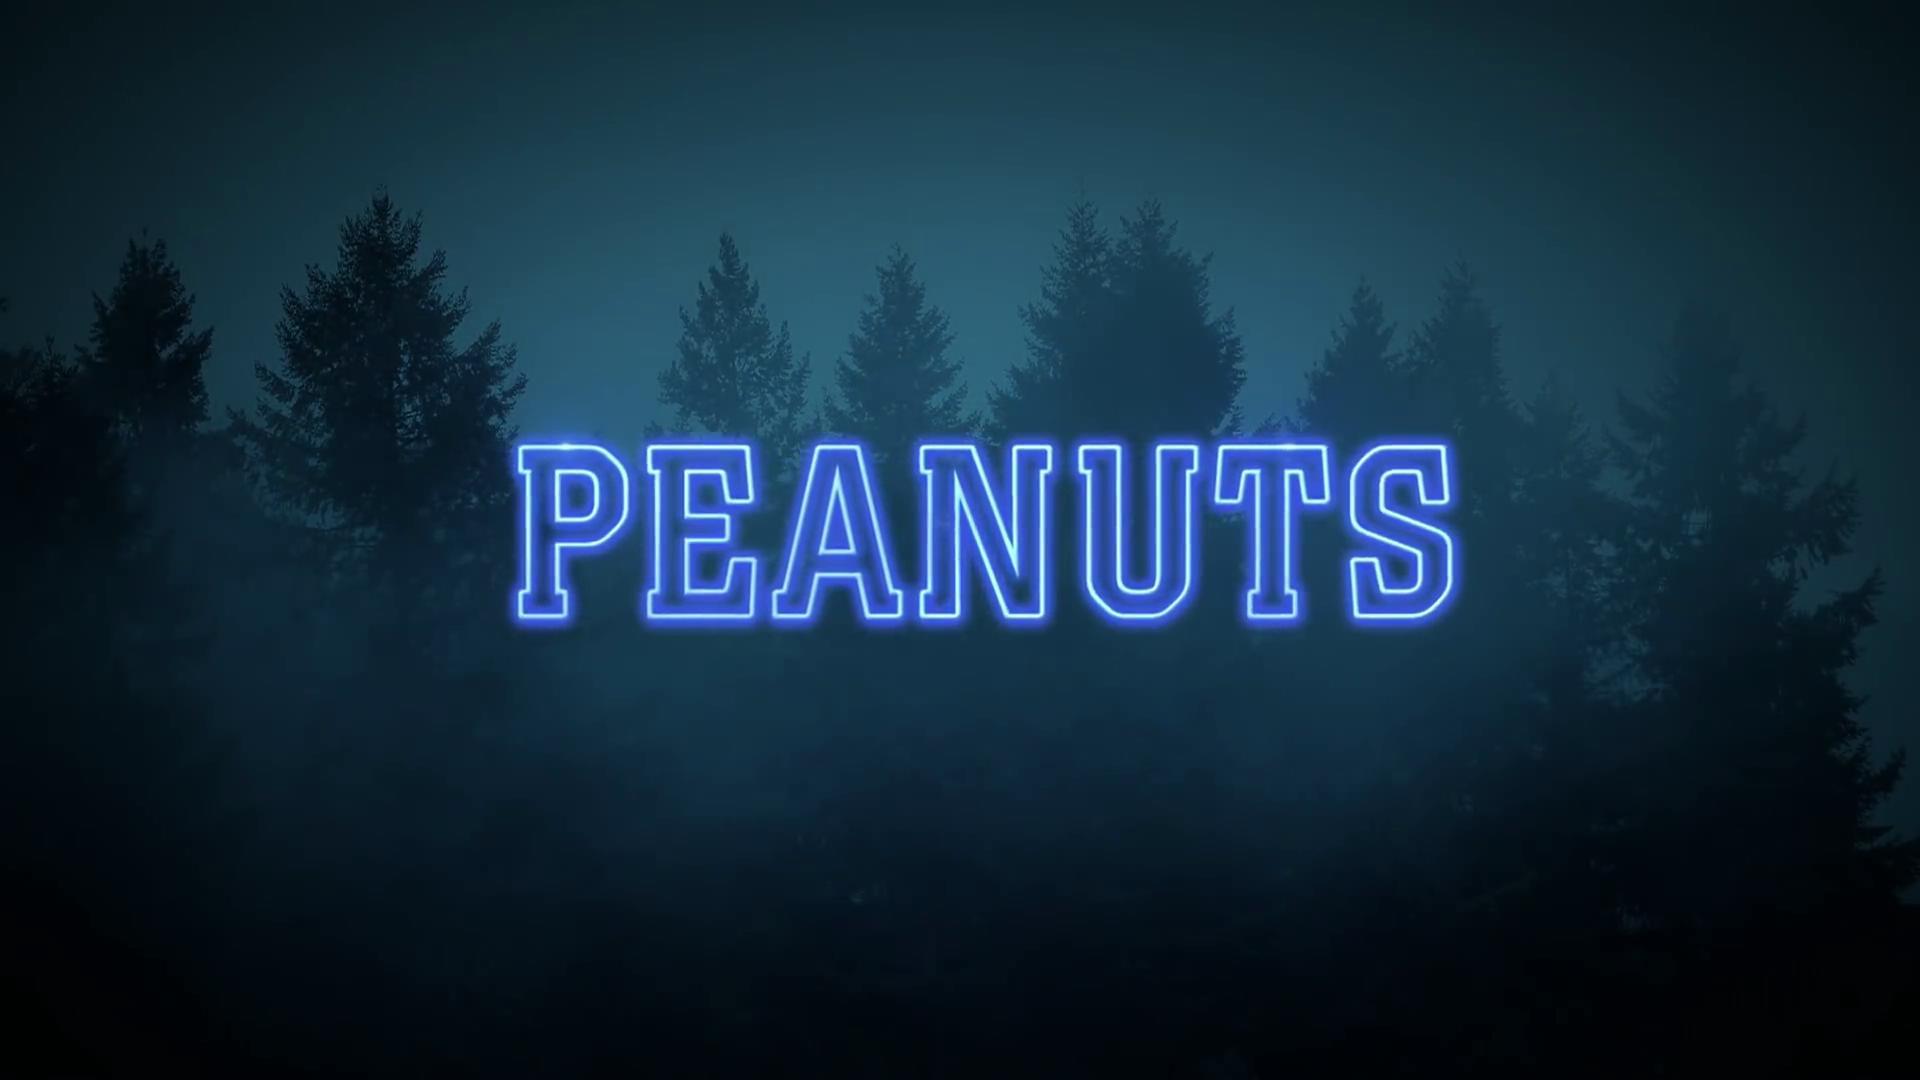 Peanuts-21-title